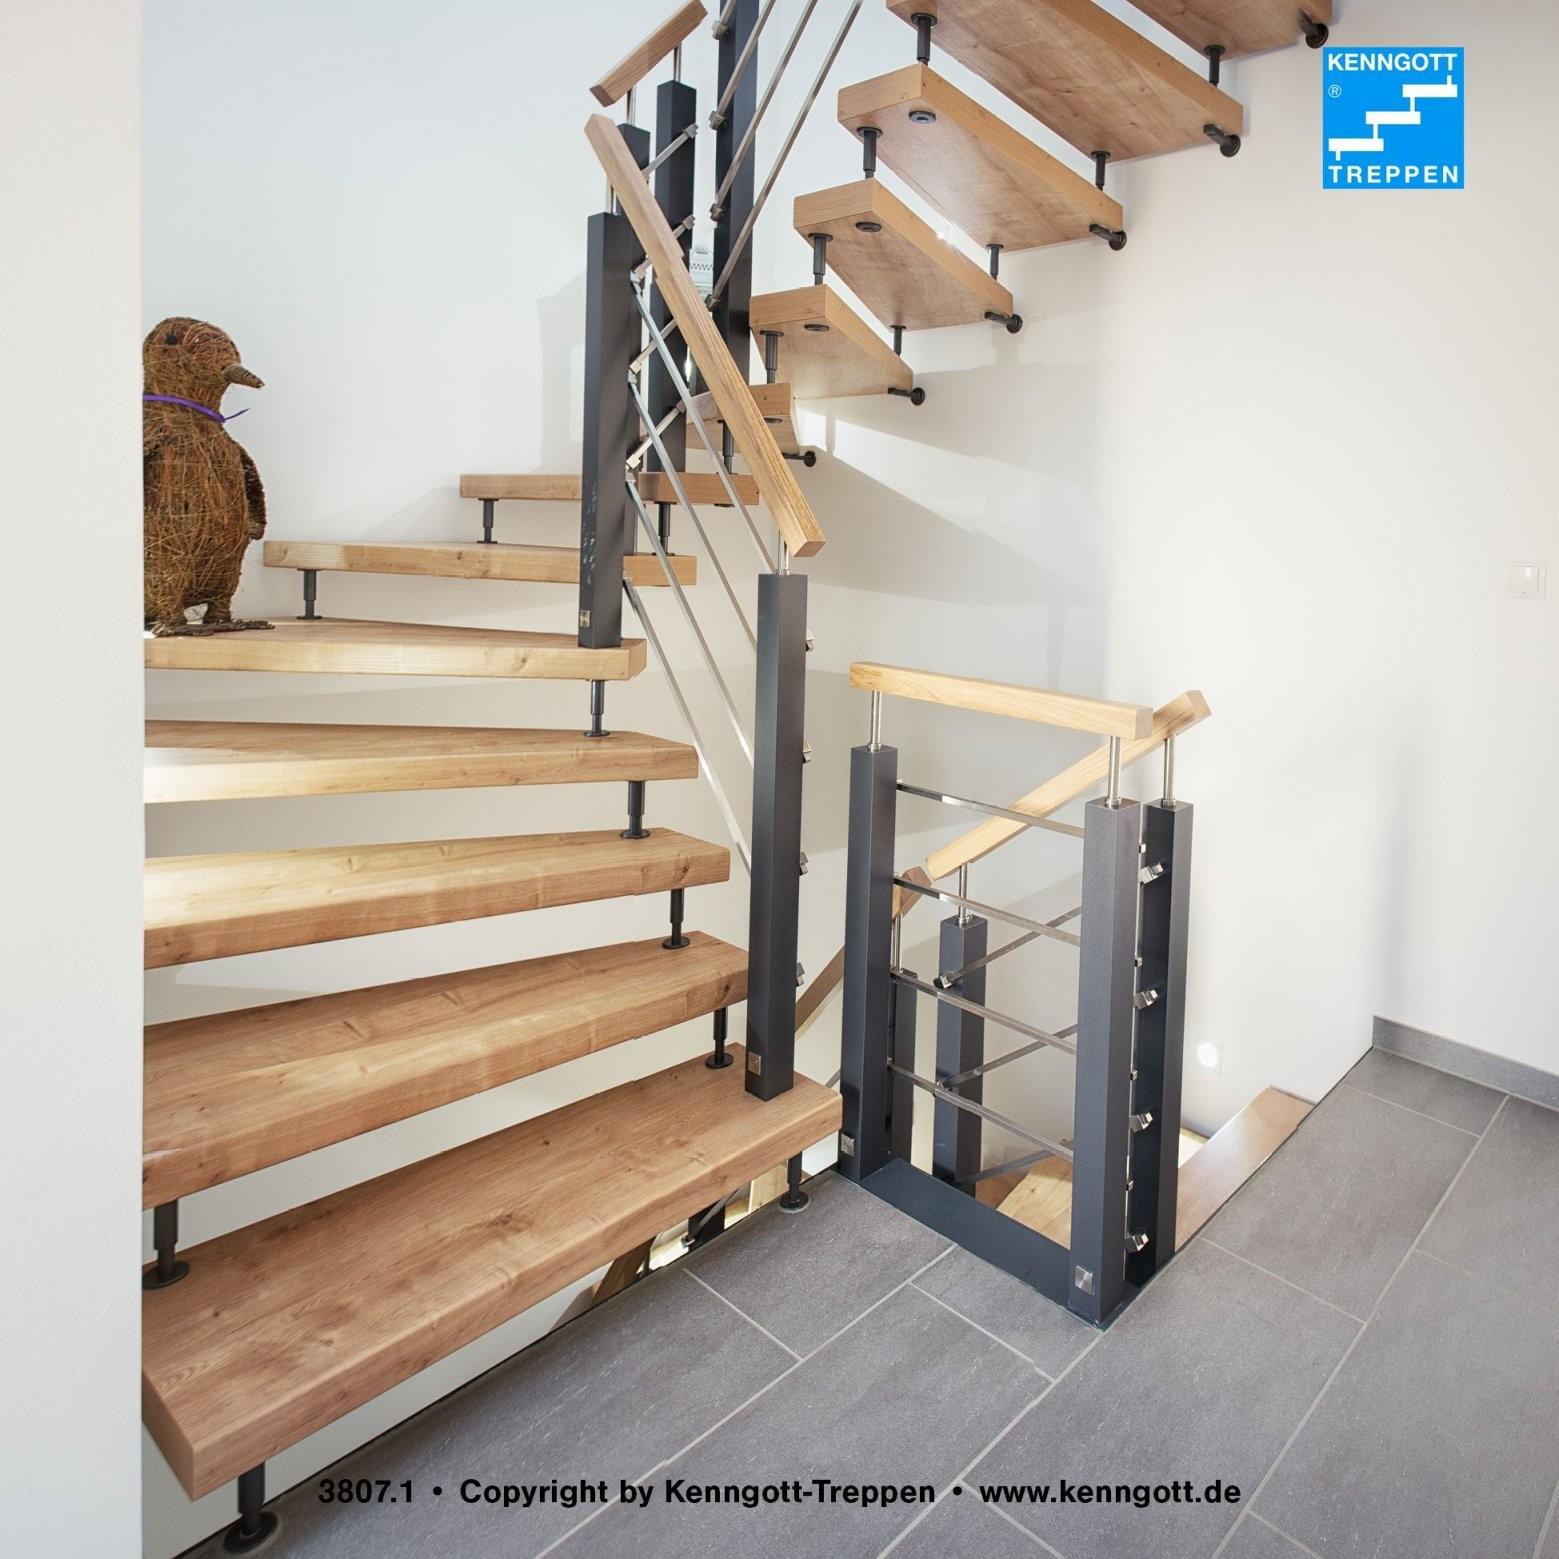 Pin Von Kenngotttreppen Auf Kenngotttreppen In 2019  Treppe von Freitragende Treppe Selber Bauen Bild